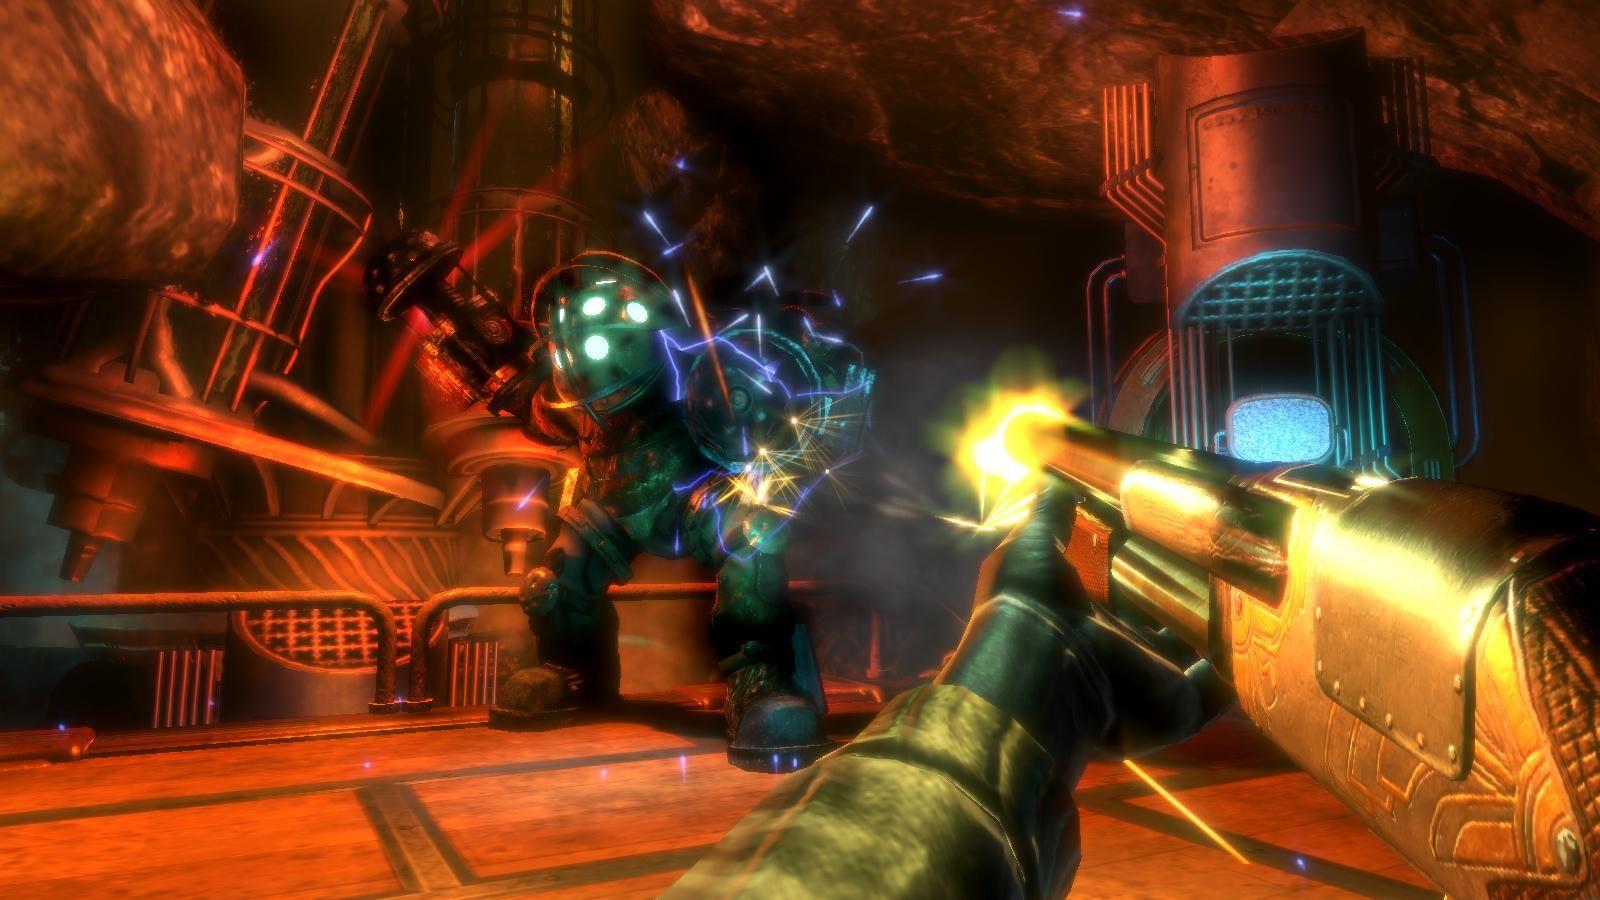 Bioshock pc review gamewatcher - Bioshock wikia ...